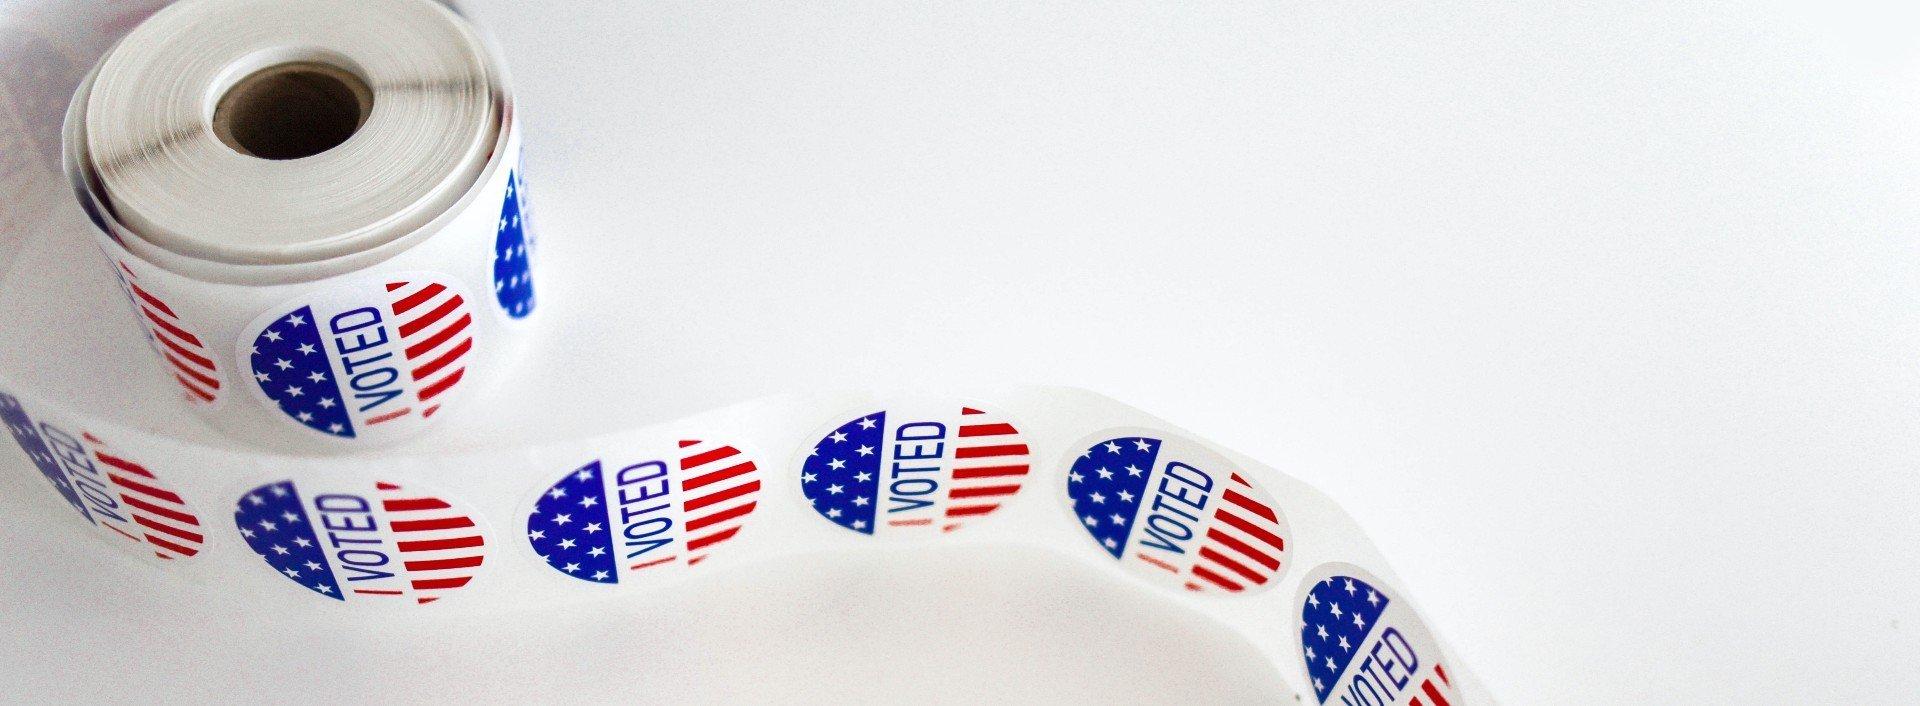 """Wahlvokabeln: eine Rolle Aufkleber mit der Aufschrift """"Ich habe gewählt"""", die am Wahltag verteilt wird."""